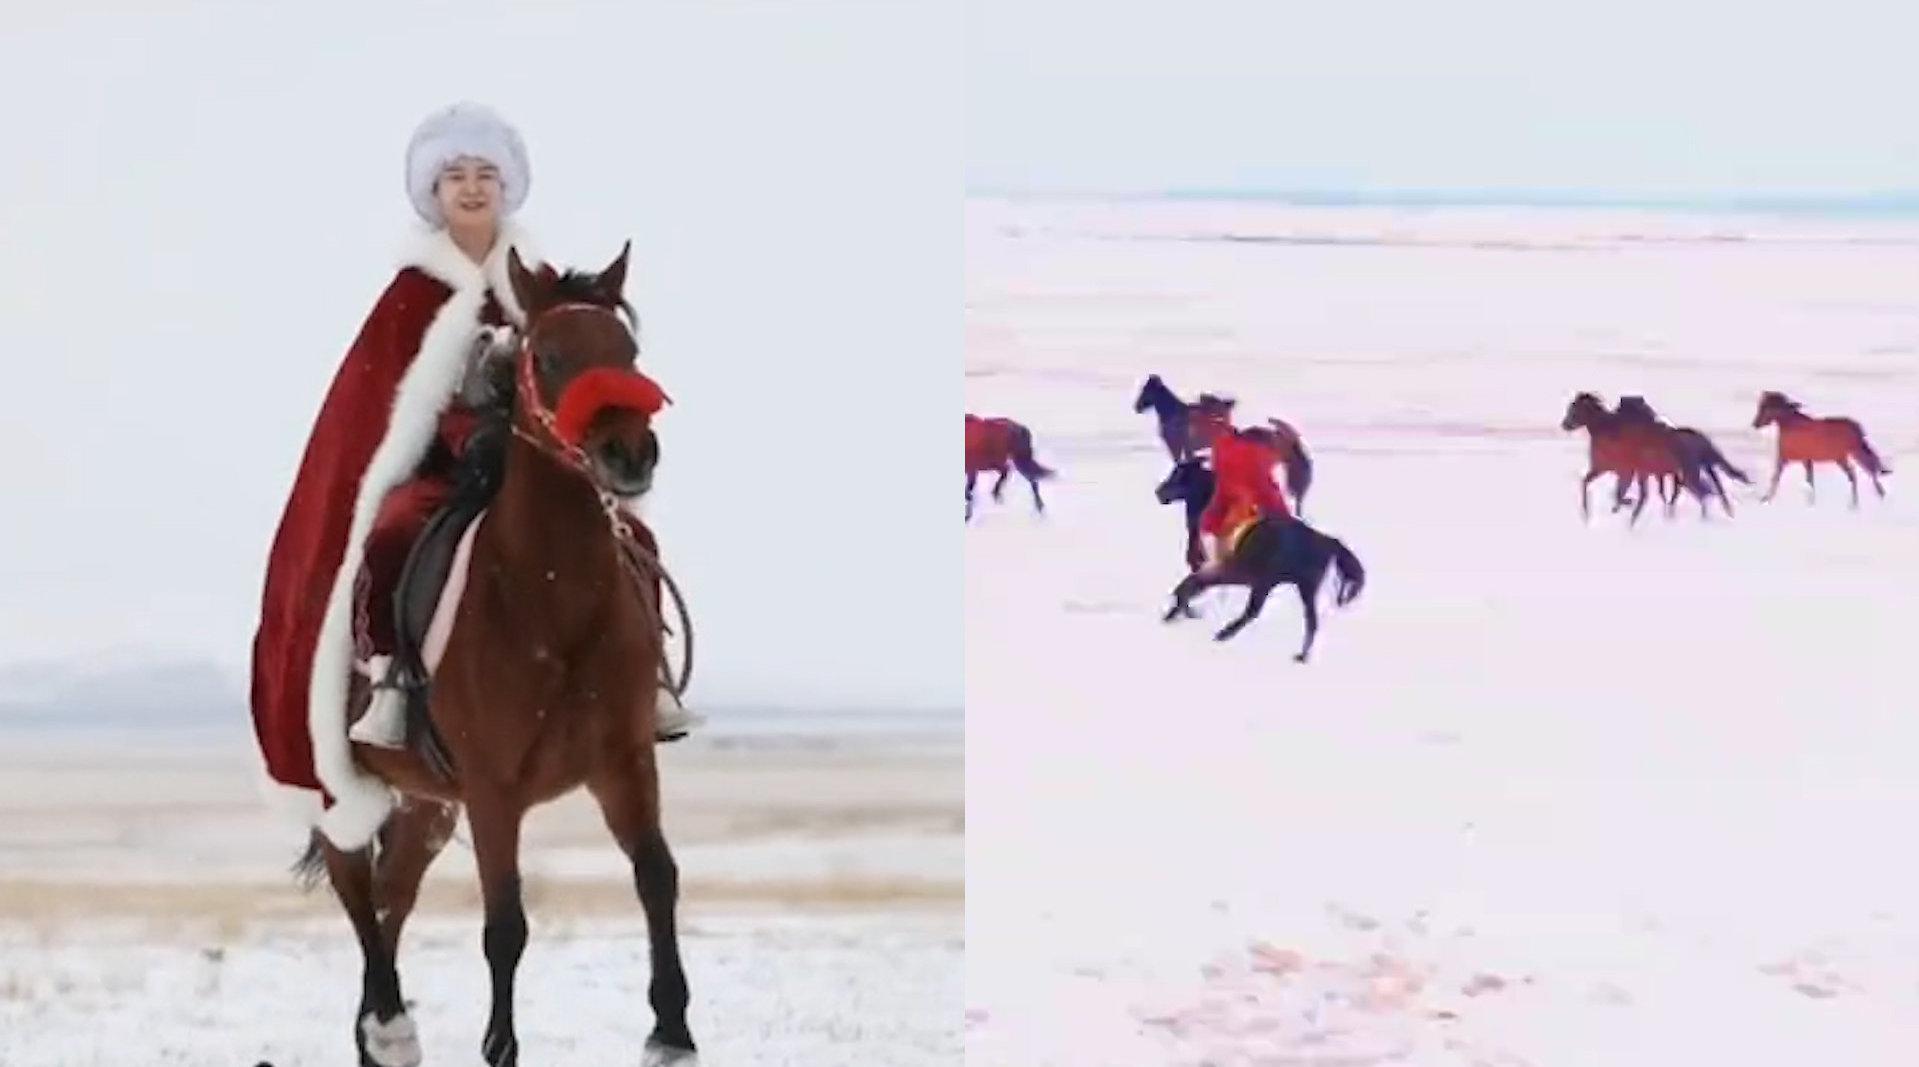 女副县长策马为当地旅游代言 :当天很紧张,鞋子冻得像冰块